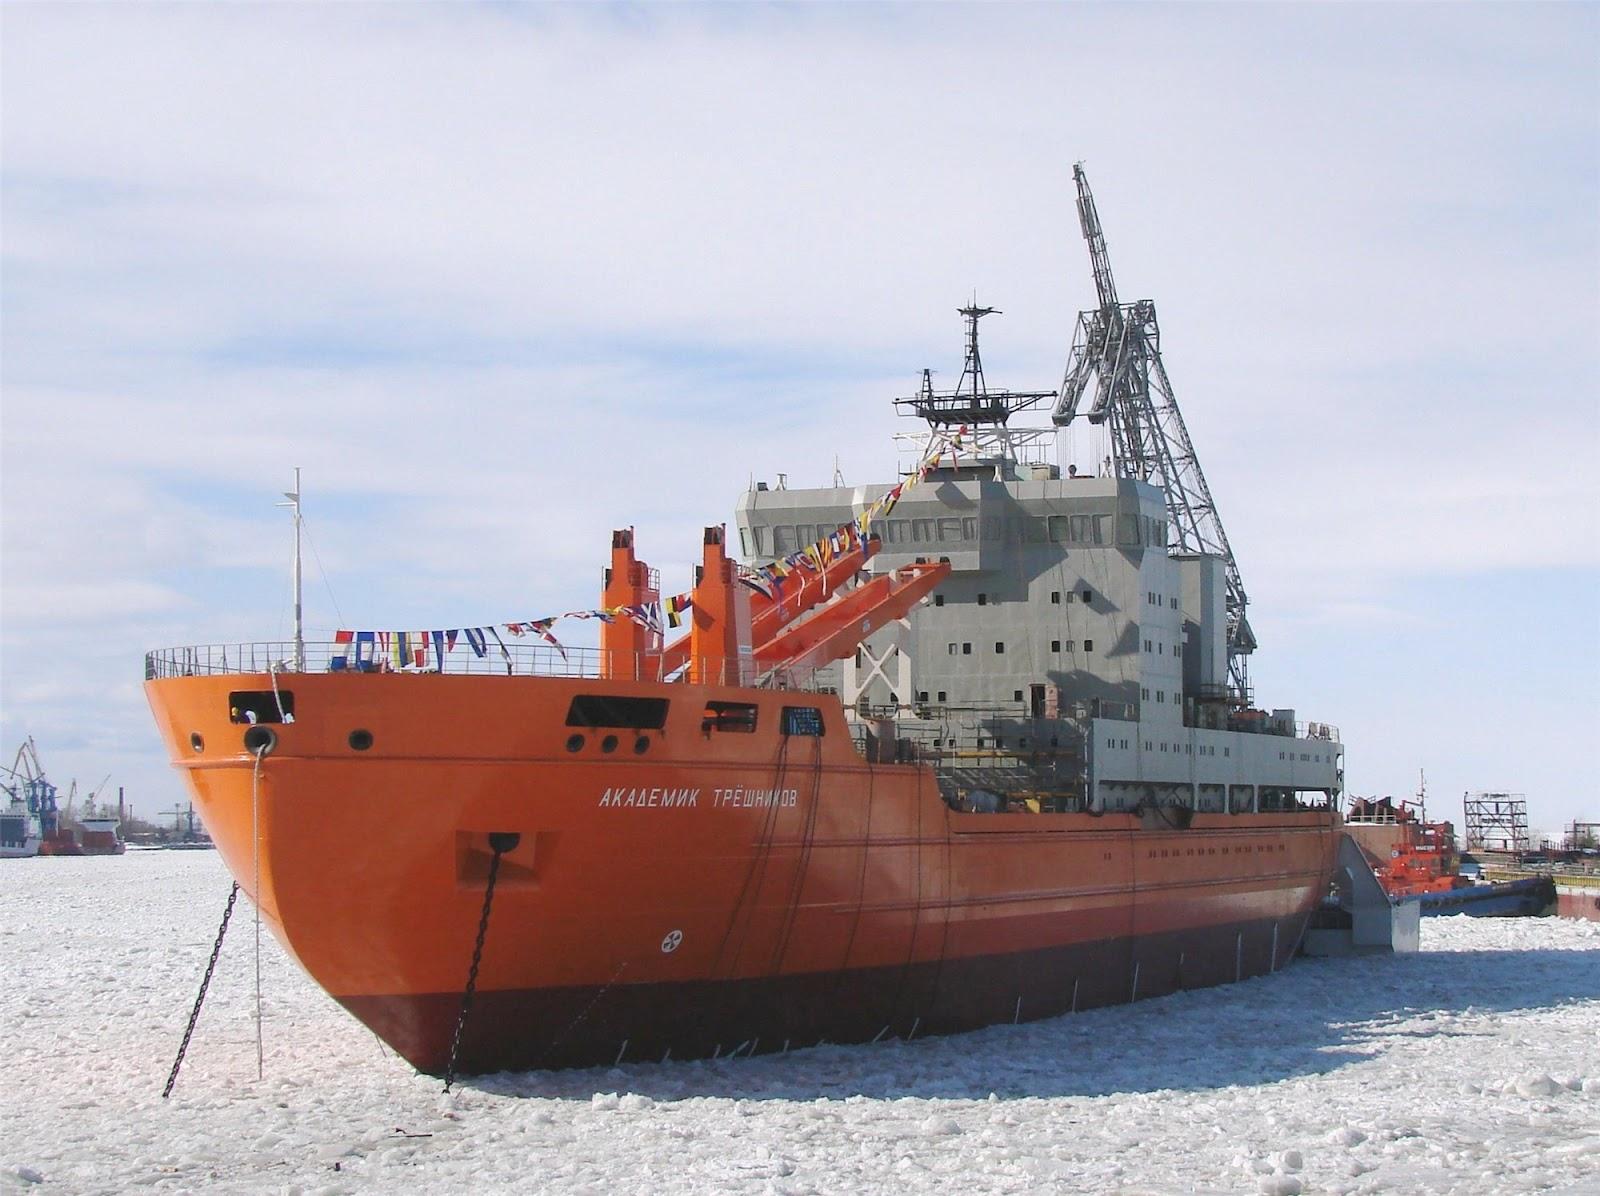 испытания и сдача судна заказчику: